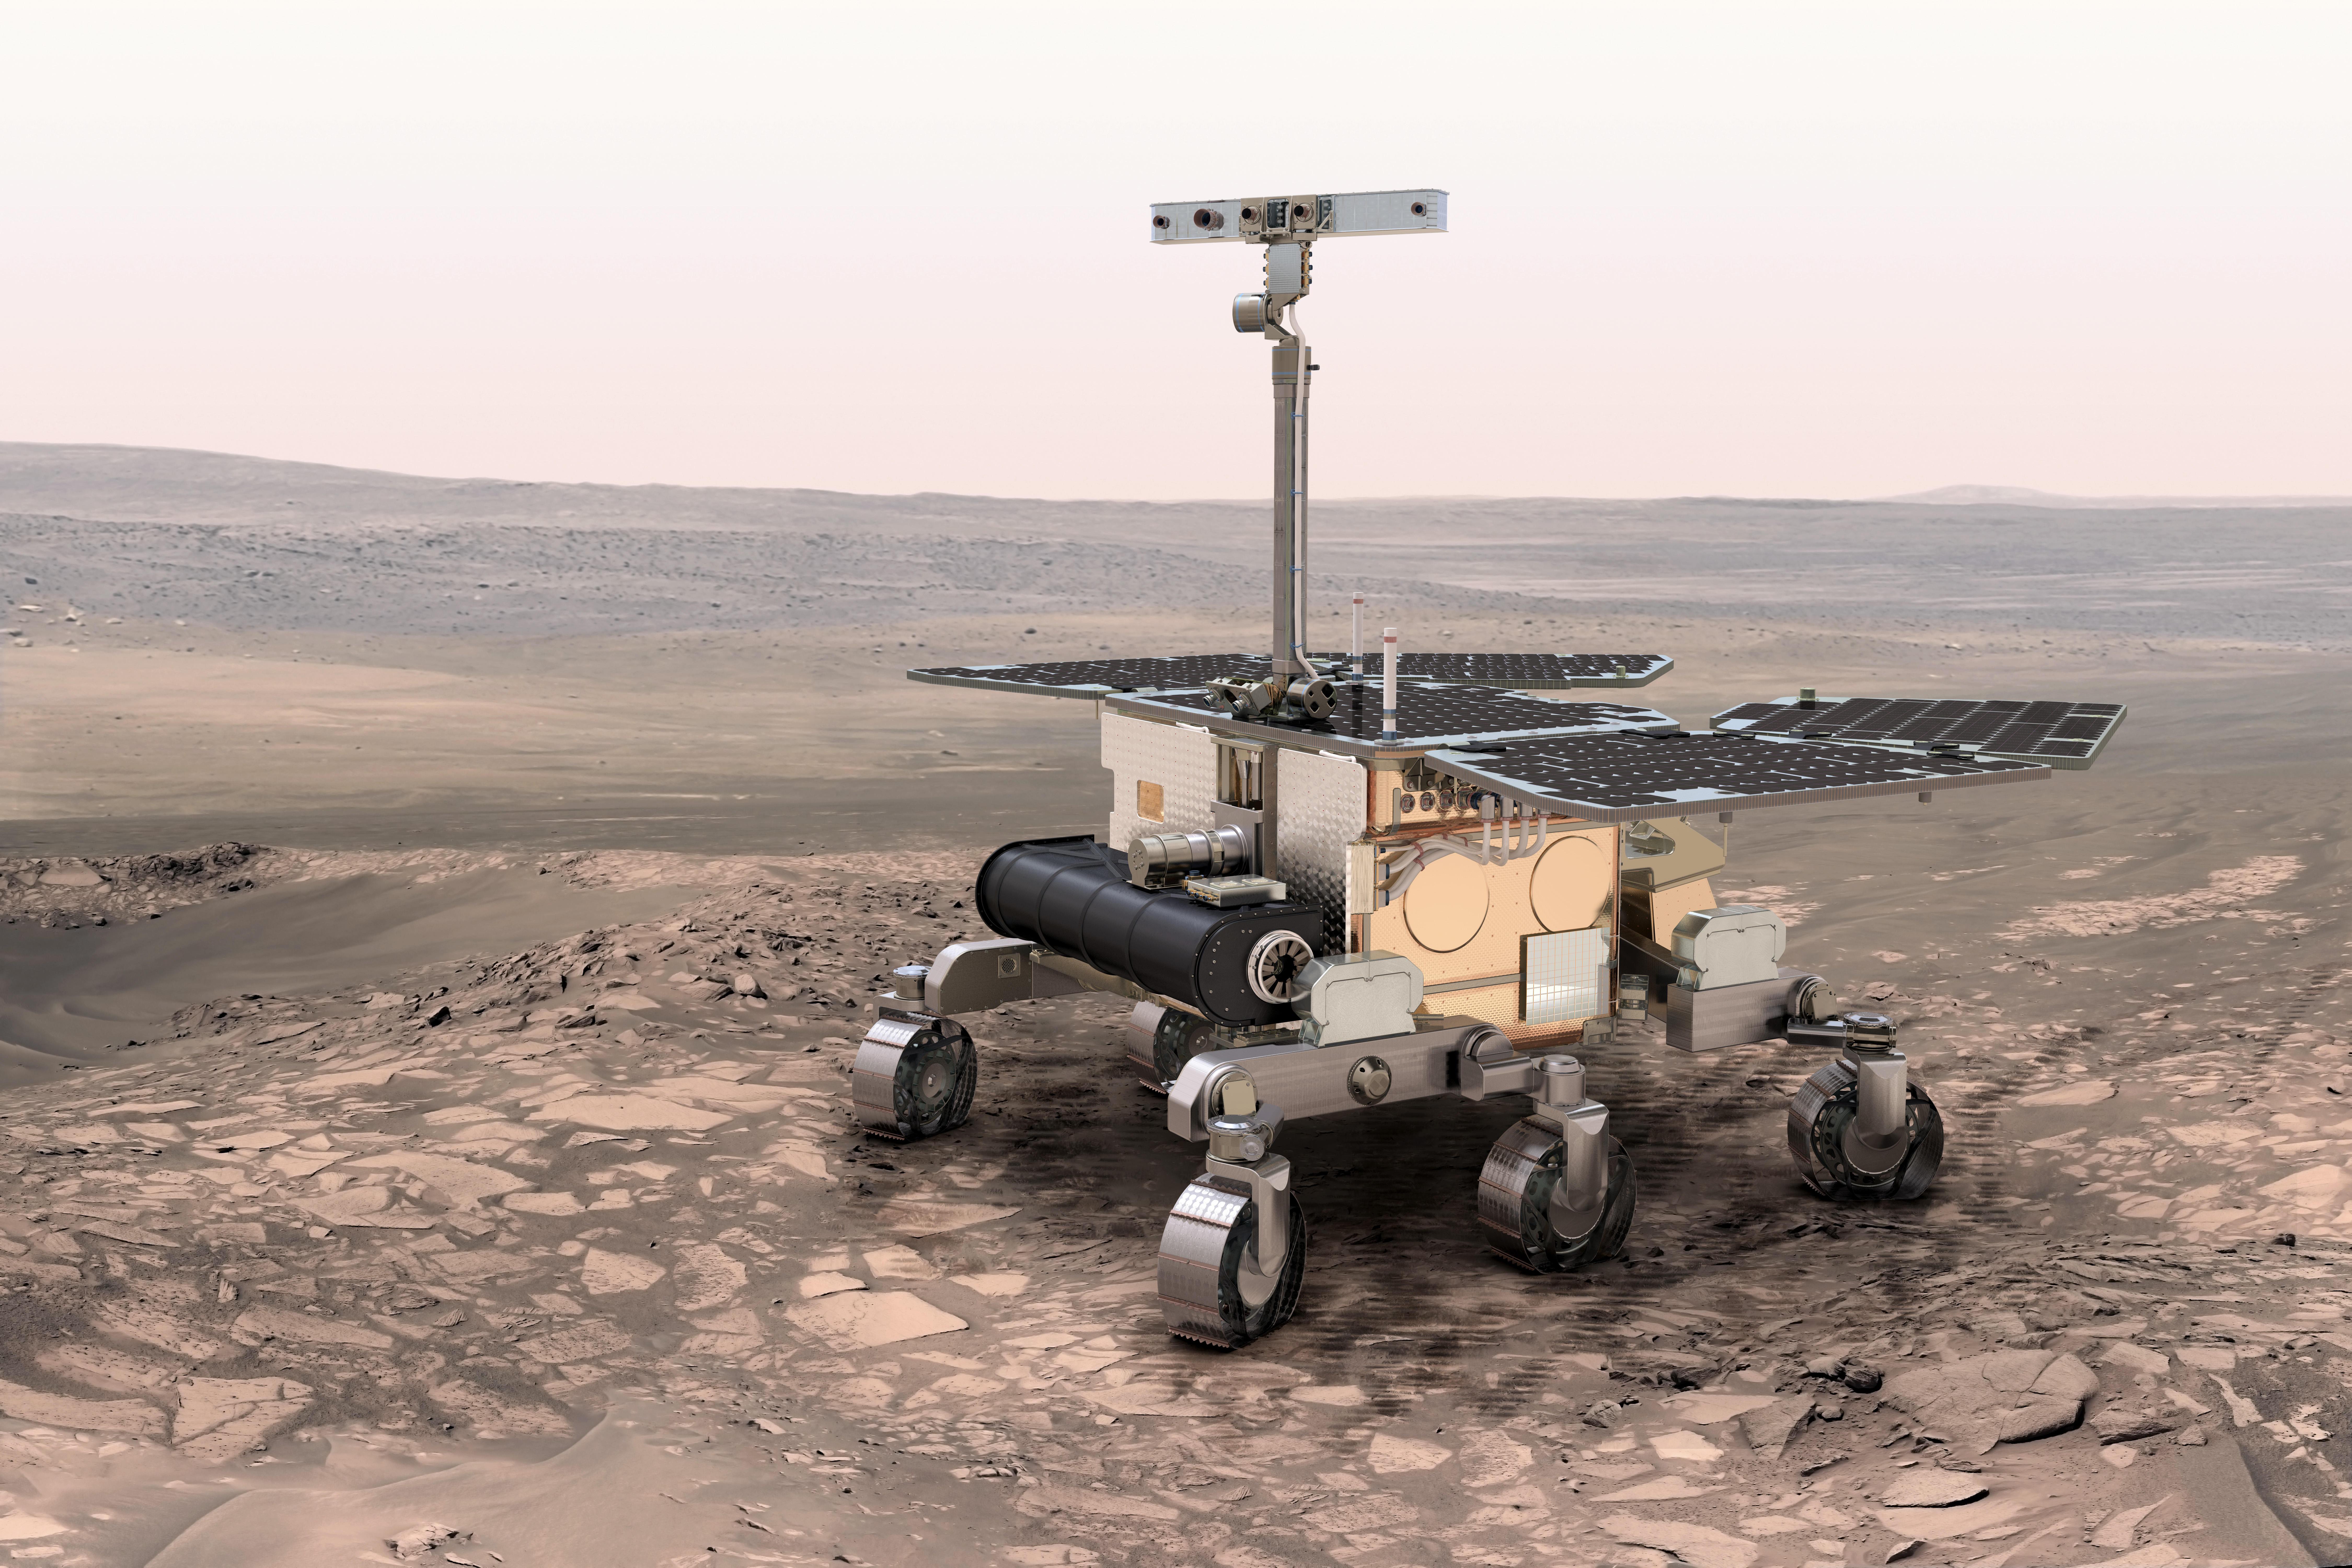 El próximo rover en Marte (Fuente: ESA)